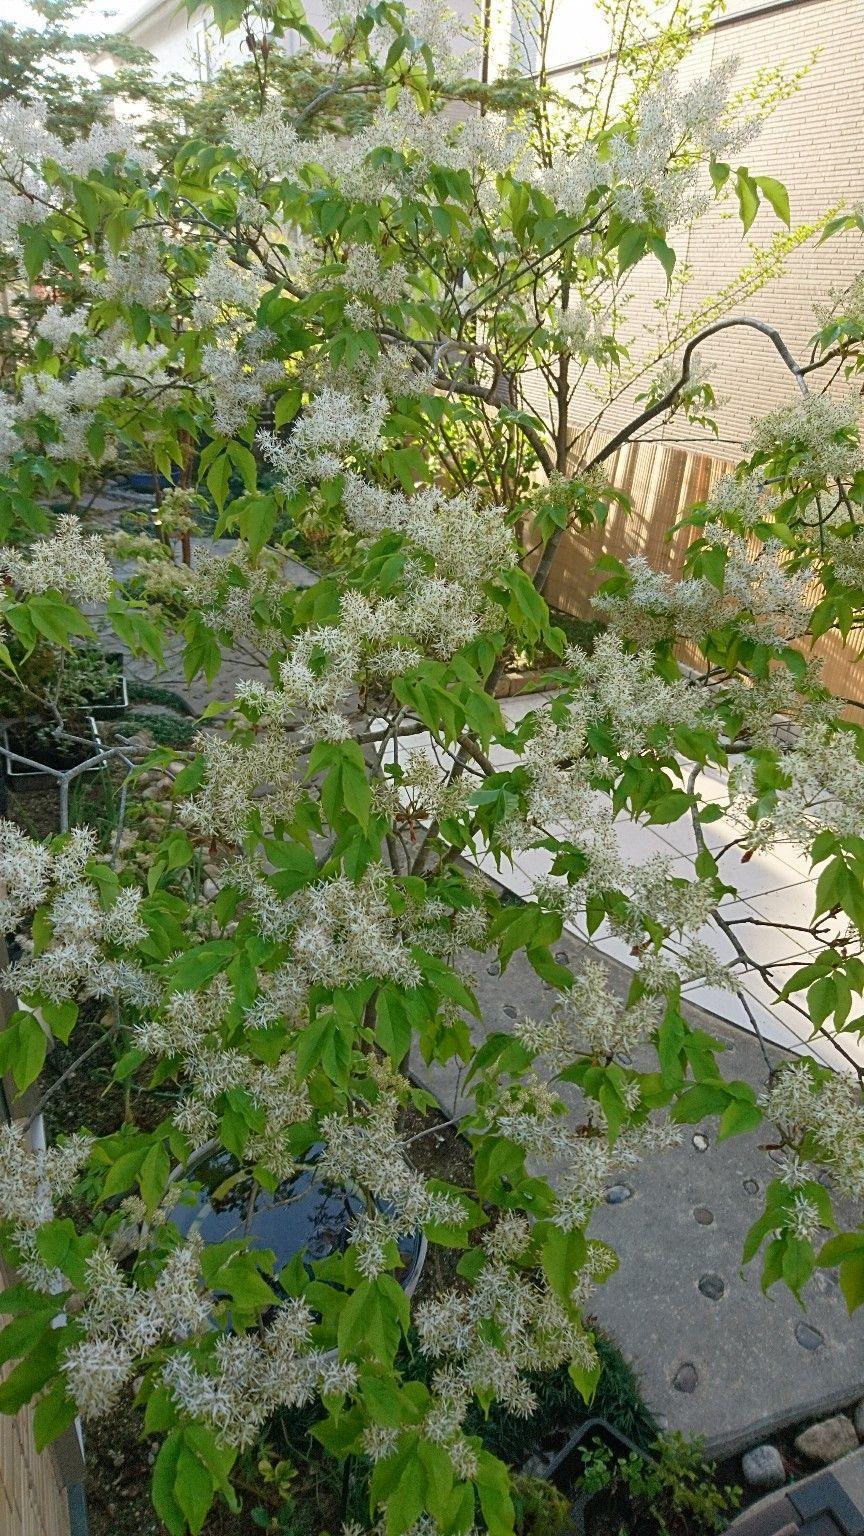 ボード 雑木の庭の苗木と草花ショップ ぞう木りん のピン